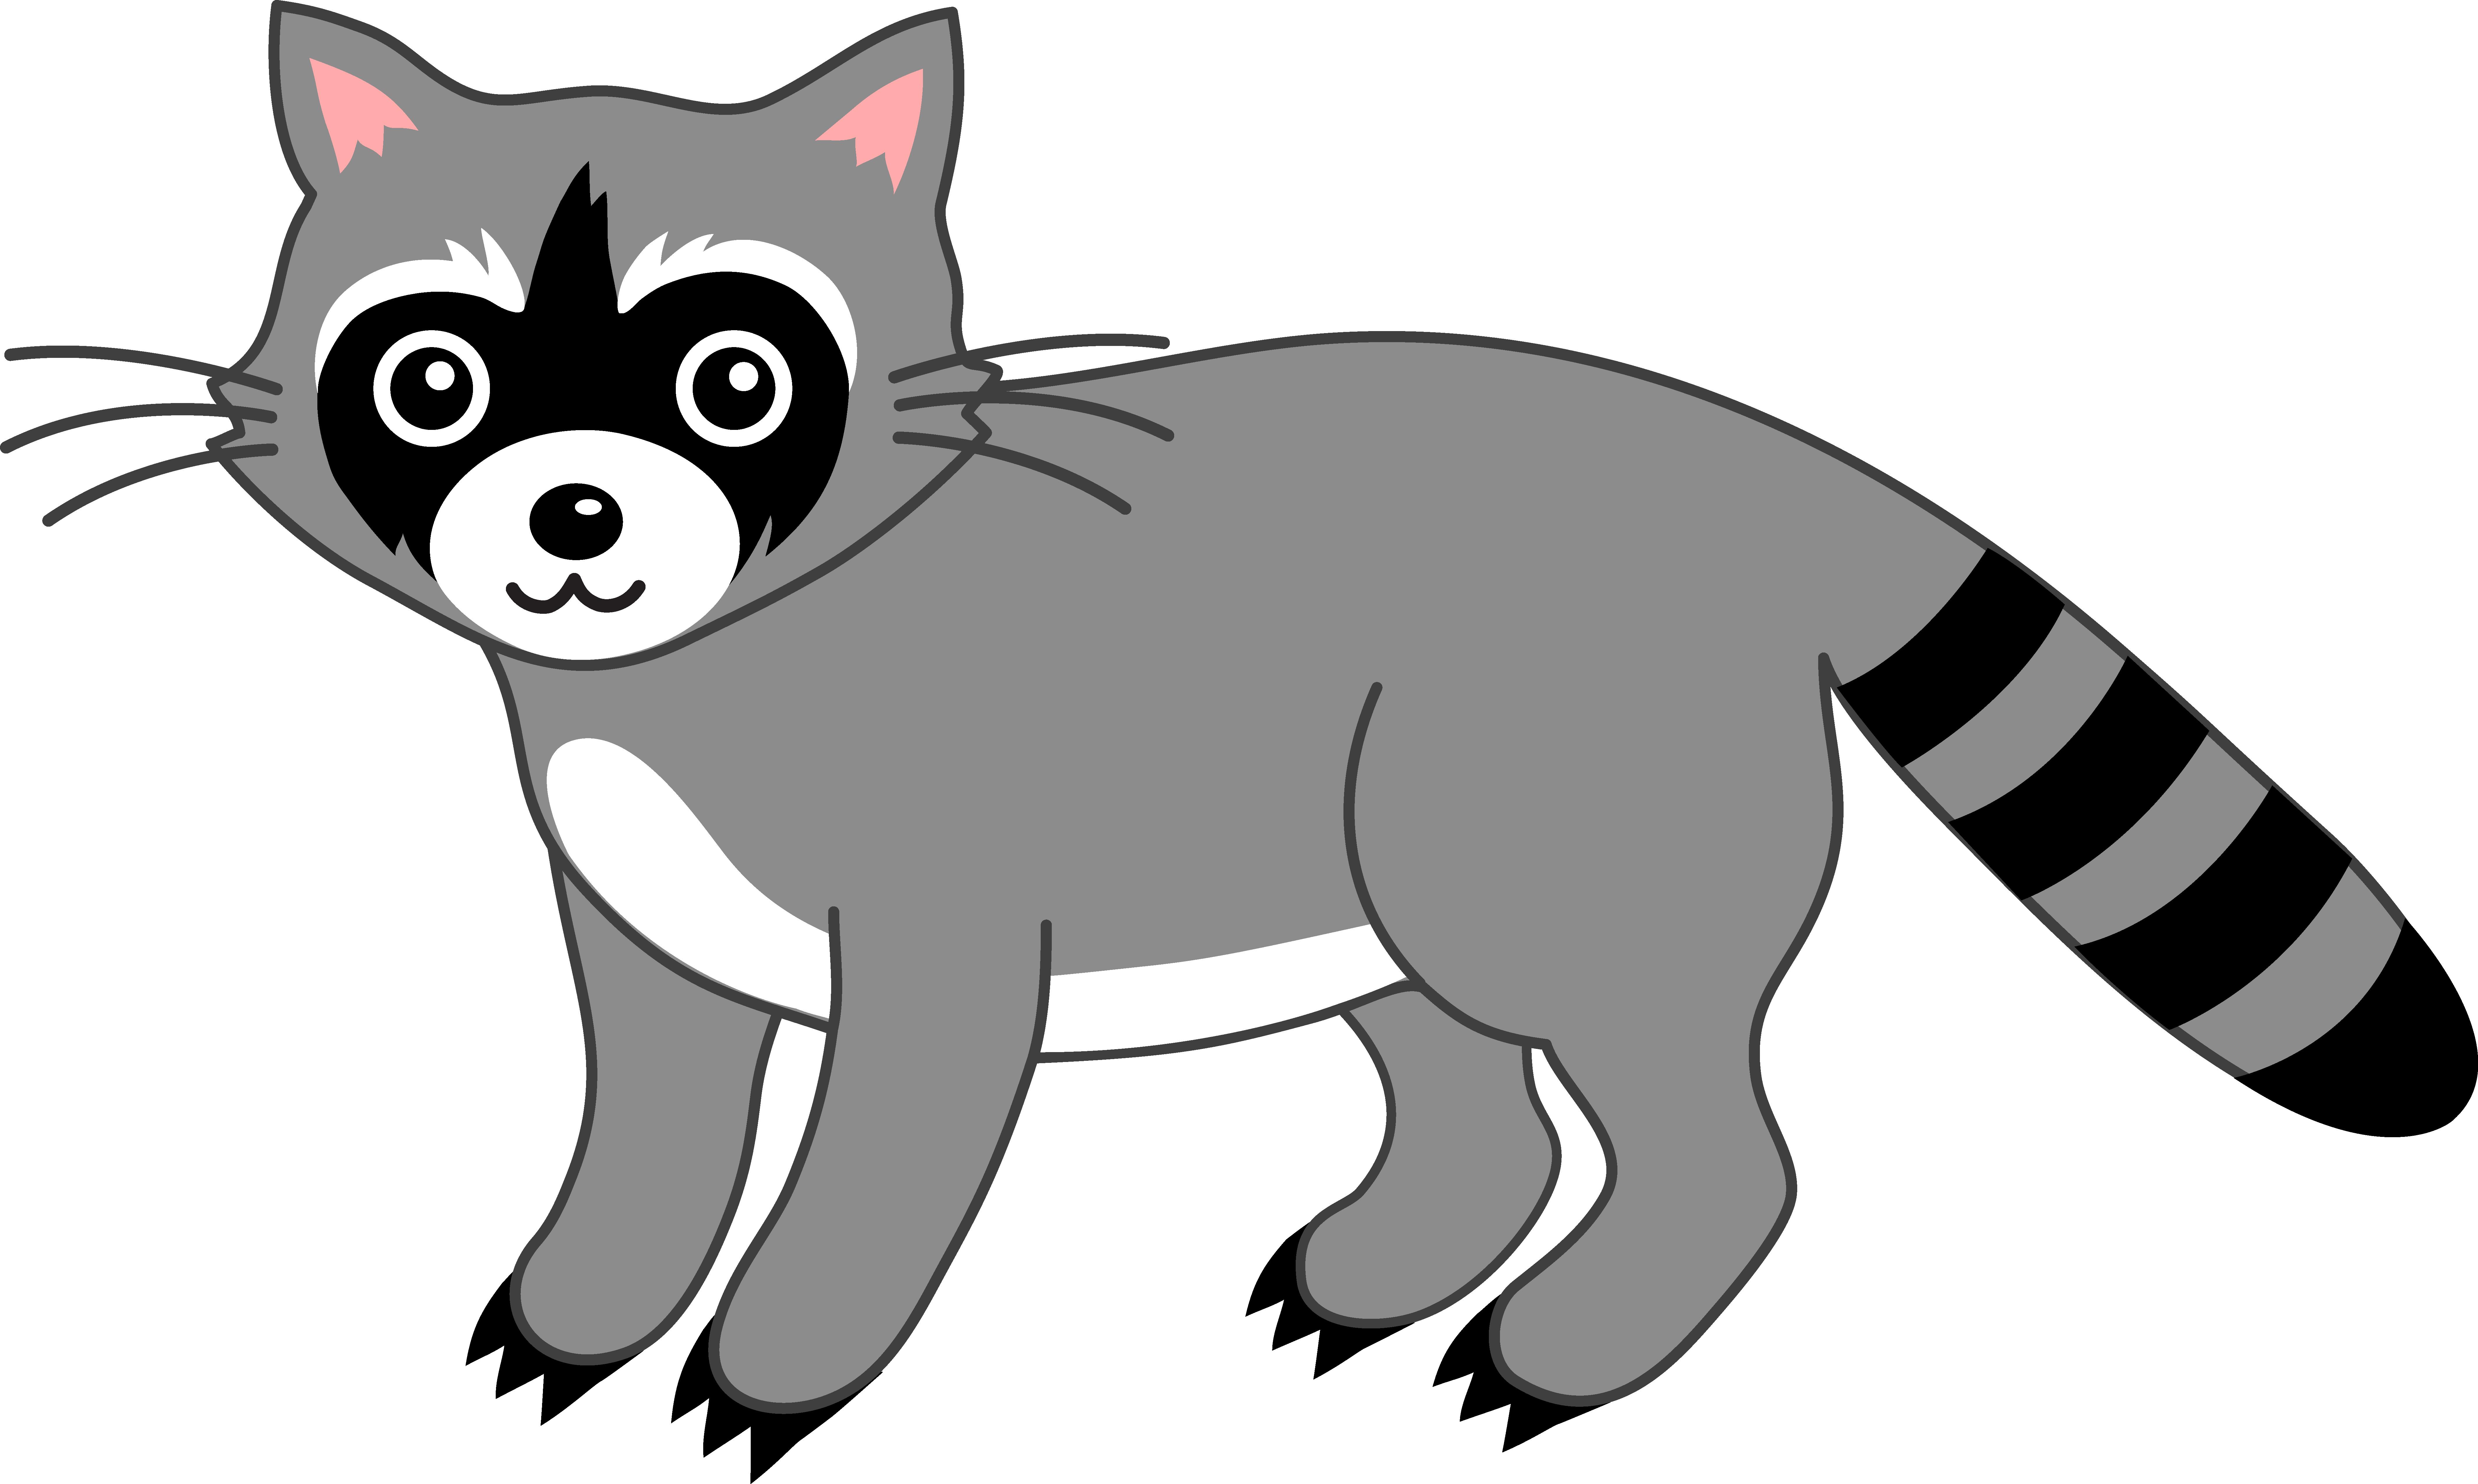 Cute Grey Raccoon - Free Clip Art clip transparent download